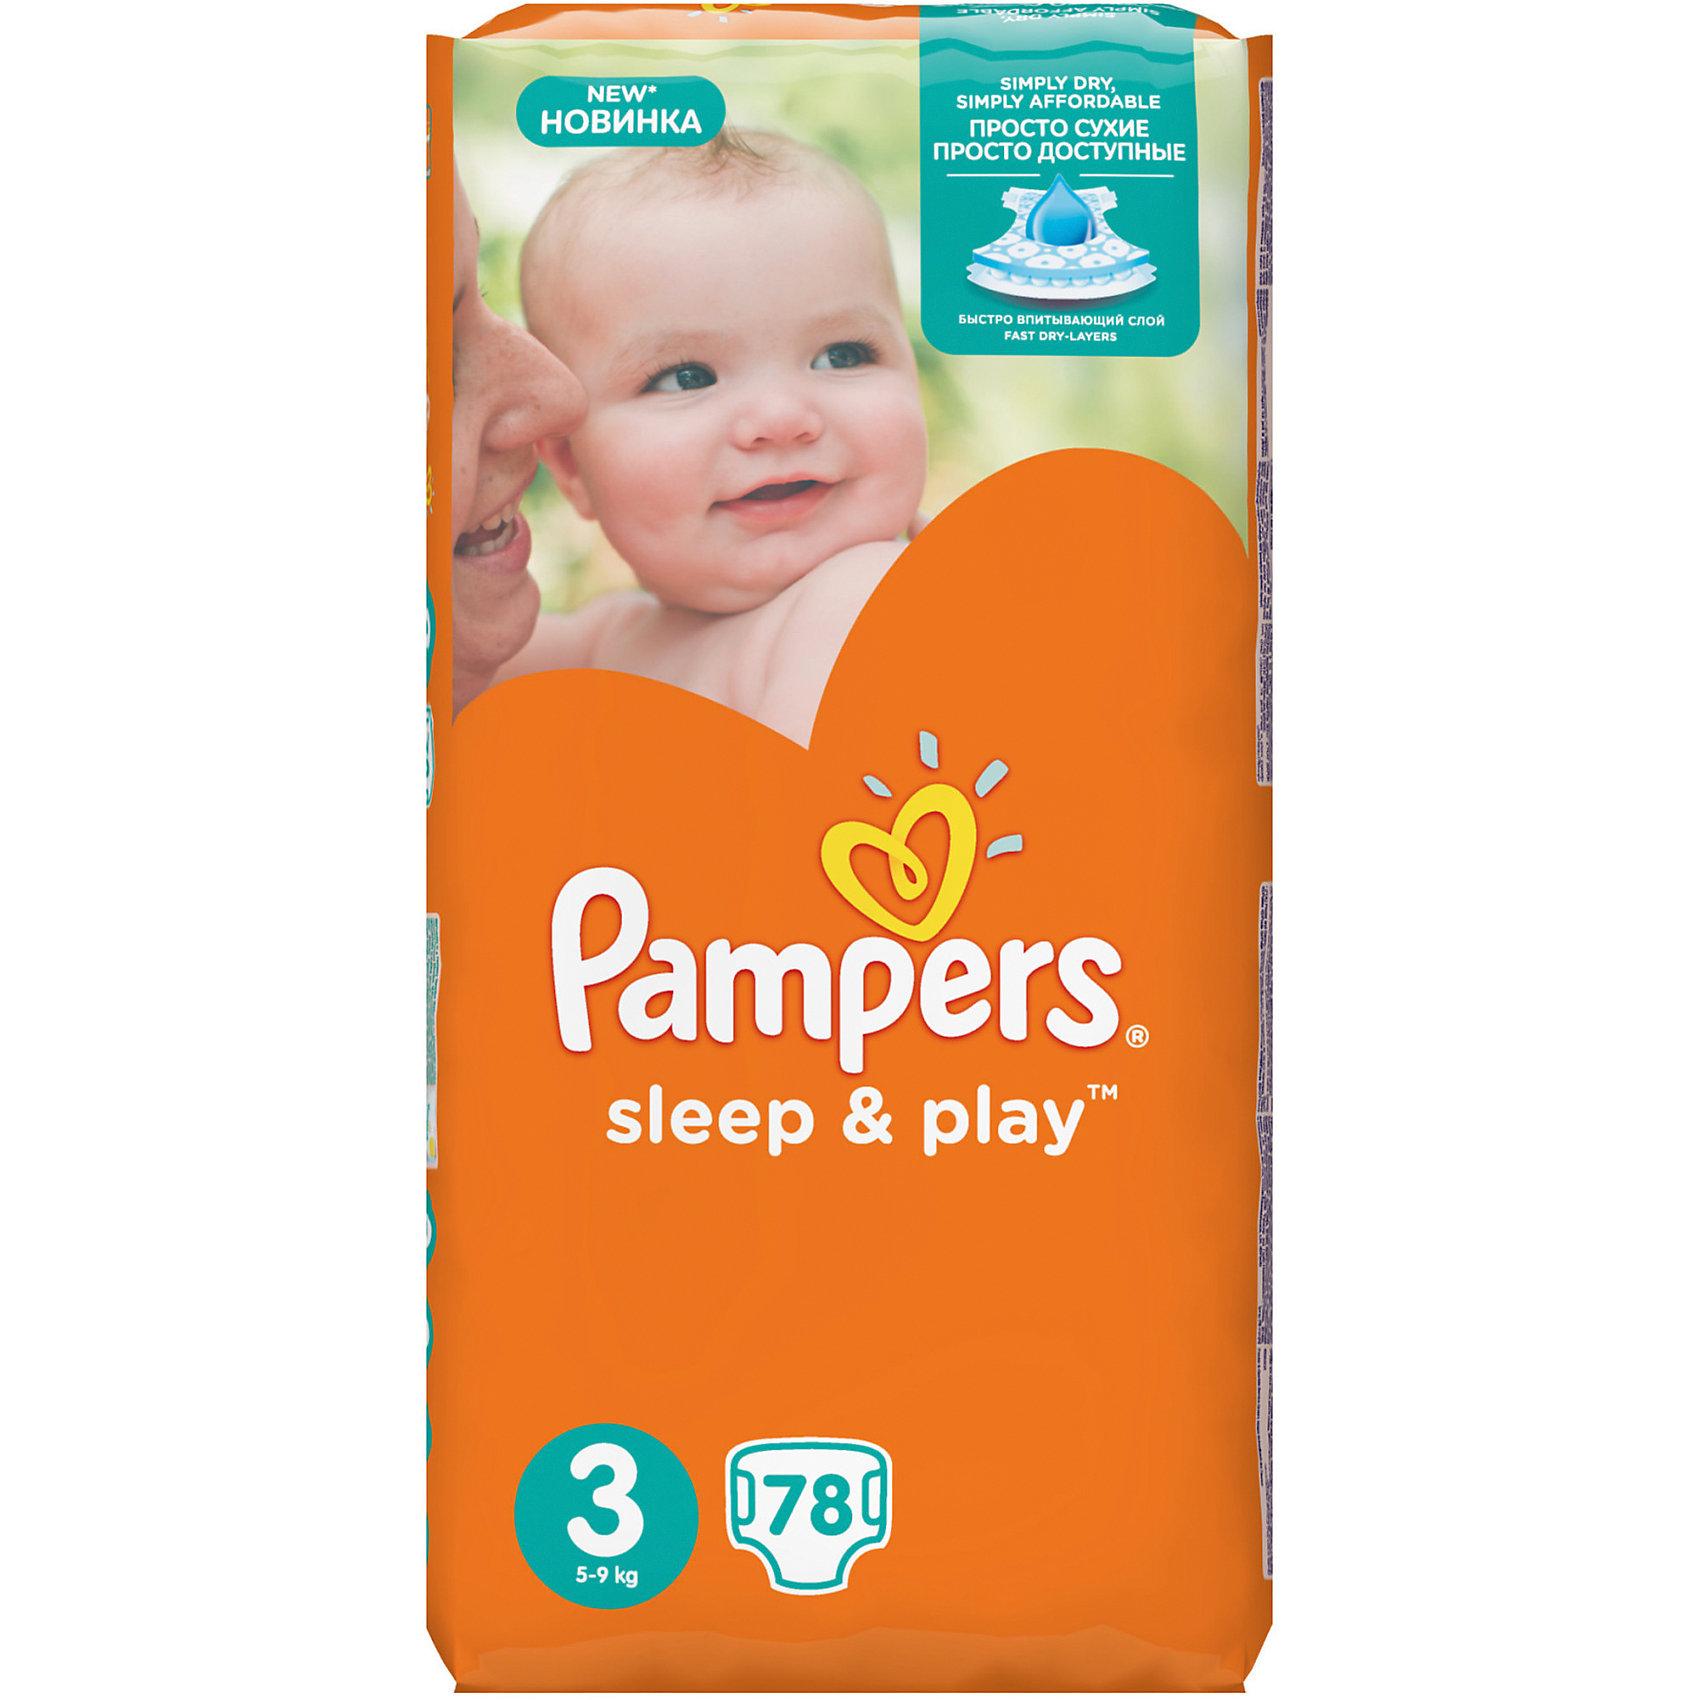 Подгузники Pampers Sleep &amp; Play, 5-9 кг, 3 размер, 78 шт., PampersПодгузники классические<br>Характеристики:<br><br>• Пол: универсальный<br>• Тип подгузника: одноразовый<br>• Коллекция: Sleep &amp; Play<br>• Предназначение: для использования в любое время суток <br>• Размер: 3<br>• Вес ребенка: от 5 до 9 кг<br>• Количество в упаковке: 78 шт.<br>• Упаковка: пакет<br>• Размер упаковки: 32,7*11,5*39,5 см<br>• Вес в упаковке: 1 кг 737 г<br>• Эластичные застежки-липучки<br>• Быстро впитывающий слой<br>• Яркий дизайн<br>• Сохранение сухости в течение 9-ти часов<br>• Содержит экстракт ромашки<br><br>Подгузники Pampers Sleep &amp; Play, 5-9 кг, 3 размер, 78 шт., Pampers – это линейка классических детских подгузников от Pampers, которая сочетает в себе качество и безопасность материалов, удобство использования и комфорт для нежной кожи малыша. Подгузники предназначены для младенцев весом до 9 кг. Инновационные технологии и современные материалы обеспечивают этим подгузникам Дышащие свойства, что особенно важно для кожи малыша. <br><br>Впитывающие свойства изделию обеспечивает уникальный слой, который равномерно распределяет влагу внутри подгузника, при этом сохраняя сухость верхнего слоя. У подгузников предусмотрена эластичная мягкая резиночка на спинке. Широкие липучки с двух сторон обеспечивают надежную фиксацию. В составе подгузника имеется экстракт ромашки, который защищает кожу ребенка от раздражений. Подгузник подходит как для мальчиков, так и для девочек. <br><br>Подгузники Pampers Sleep &amp; Play, 5-9 кг, 3 размер, 78 шт., Pampers можно купить в нашем интернет-магазине.<br><br>Ширина мм: 327<br>Глубина мм: 115<br>Высота мм: 395<br>Вес г: 1737<br>Возраст от месяцев: 3<br>Возраст до месяцев: 12<br>Пол: Унисекс<br>Возраст: Детский<br>SKU: 5419059